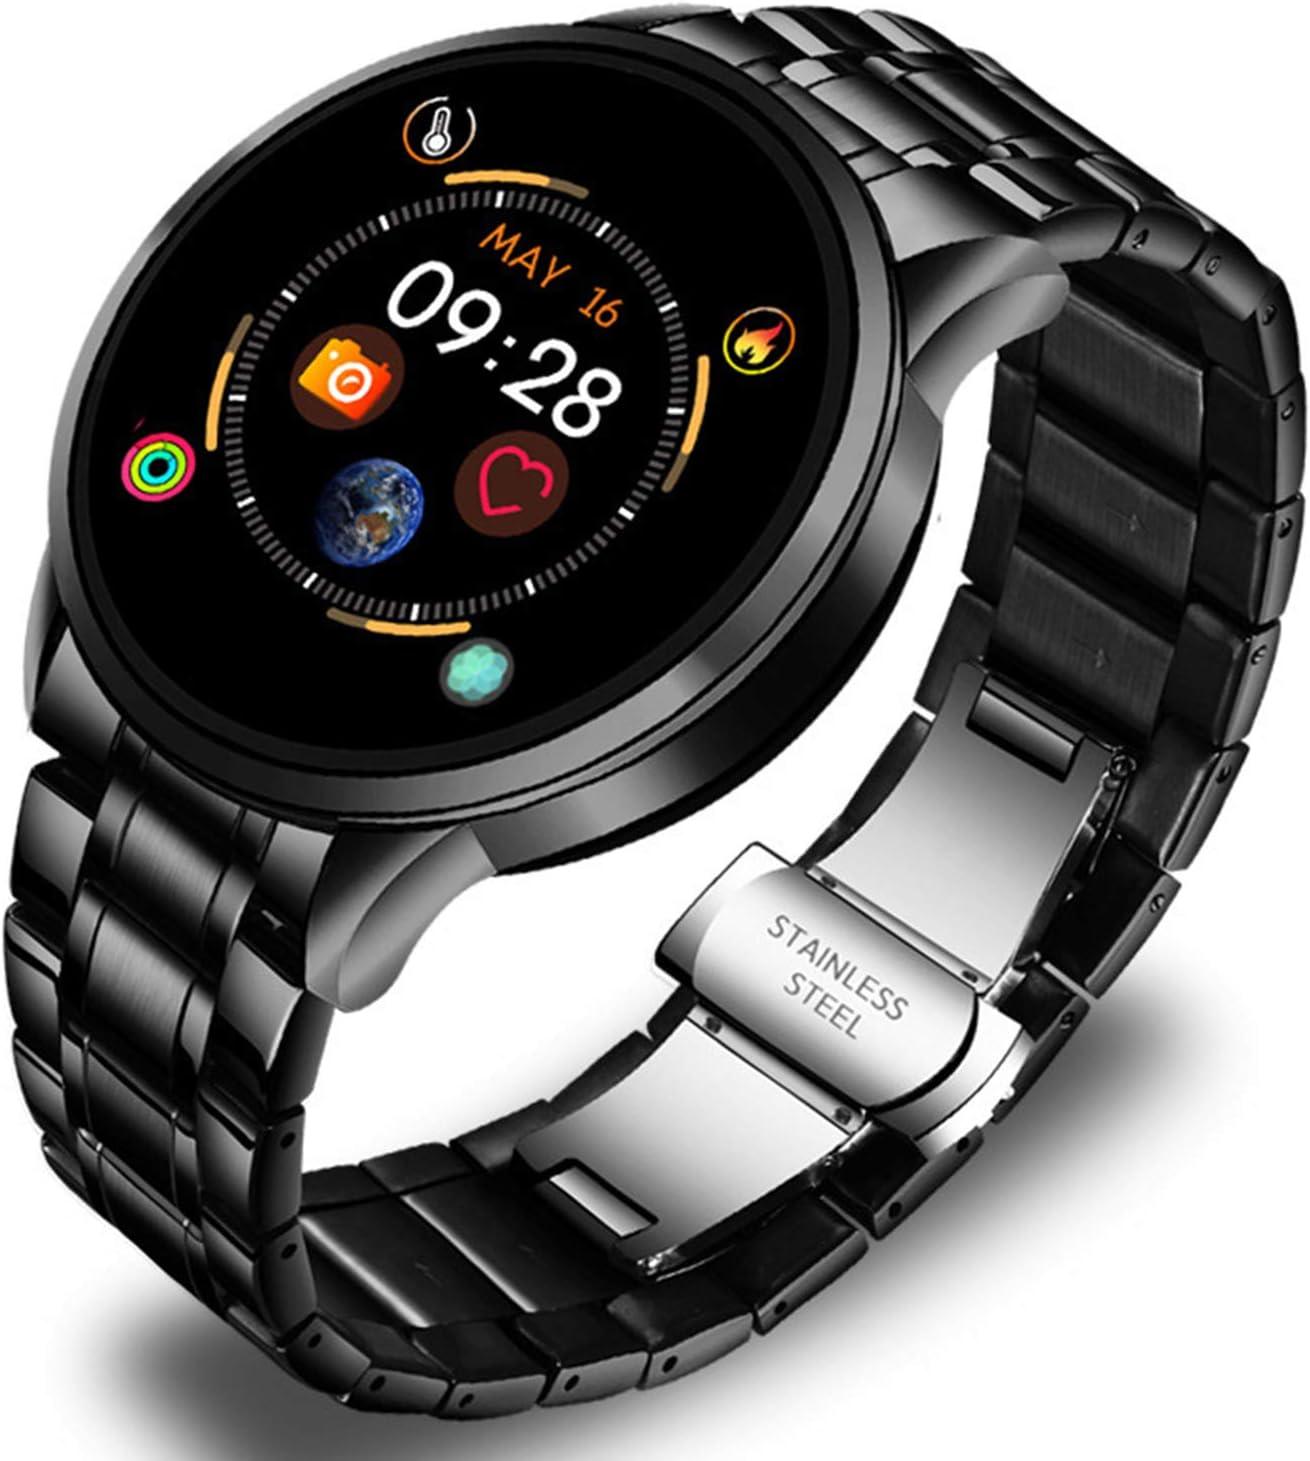 LTLJX Reloj Connected SmartWatch IP67 Impermeable Sporty Fitness Tracker Sleep, Presión Arterial, Monitoreo de la frecuencia del corazón Pedómetro Hombre Mujer Inteligente para Android iOS,Negro